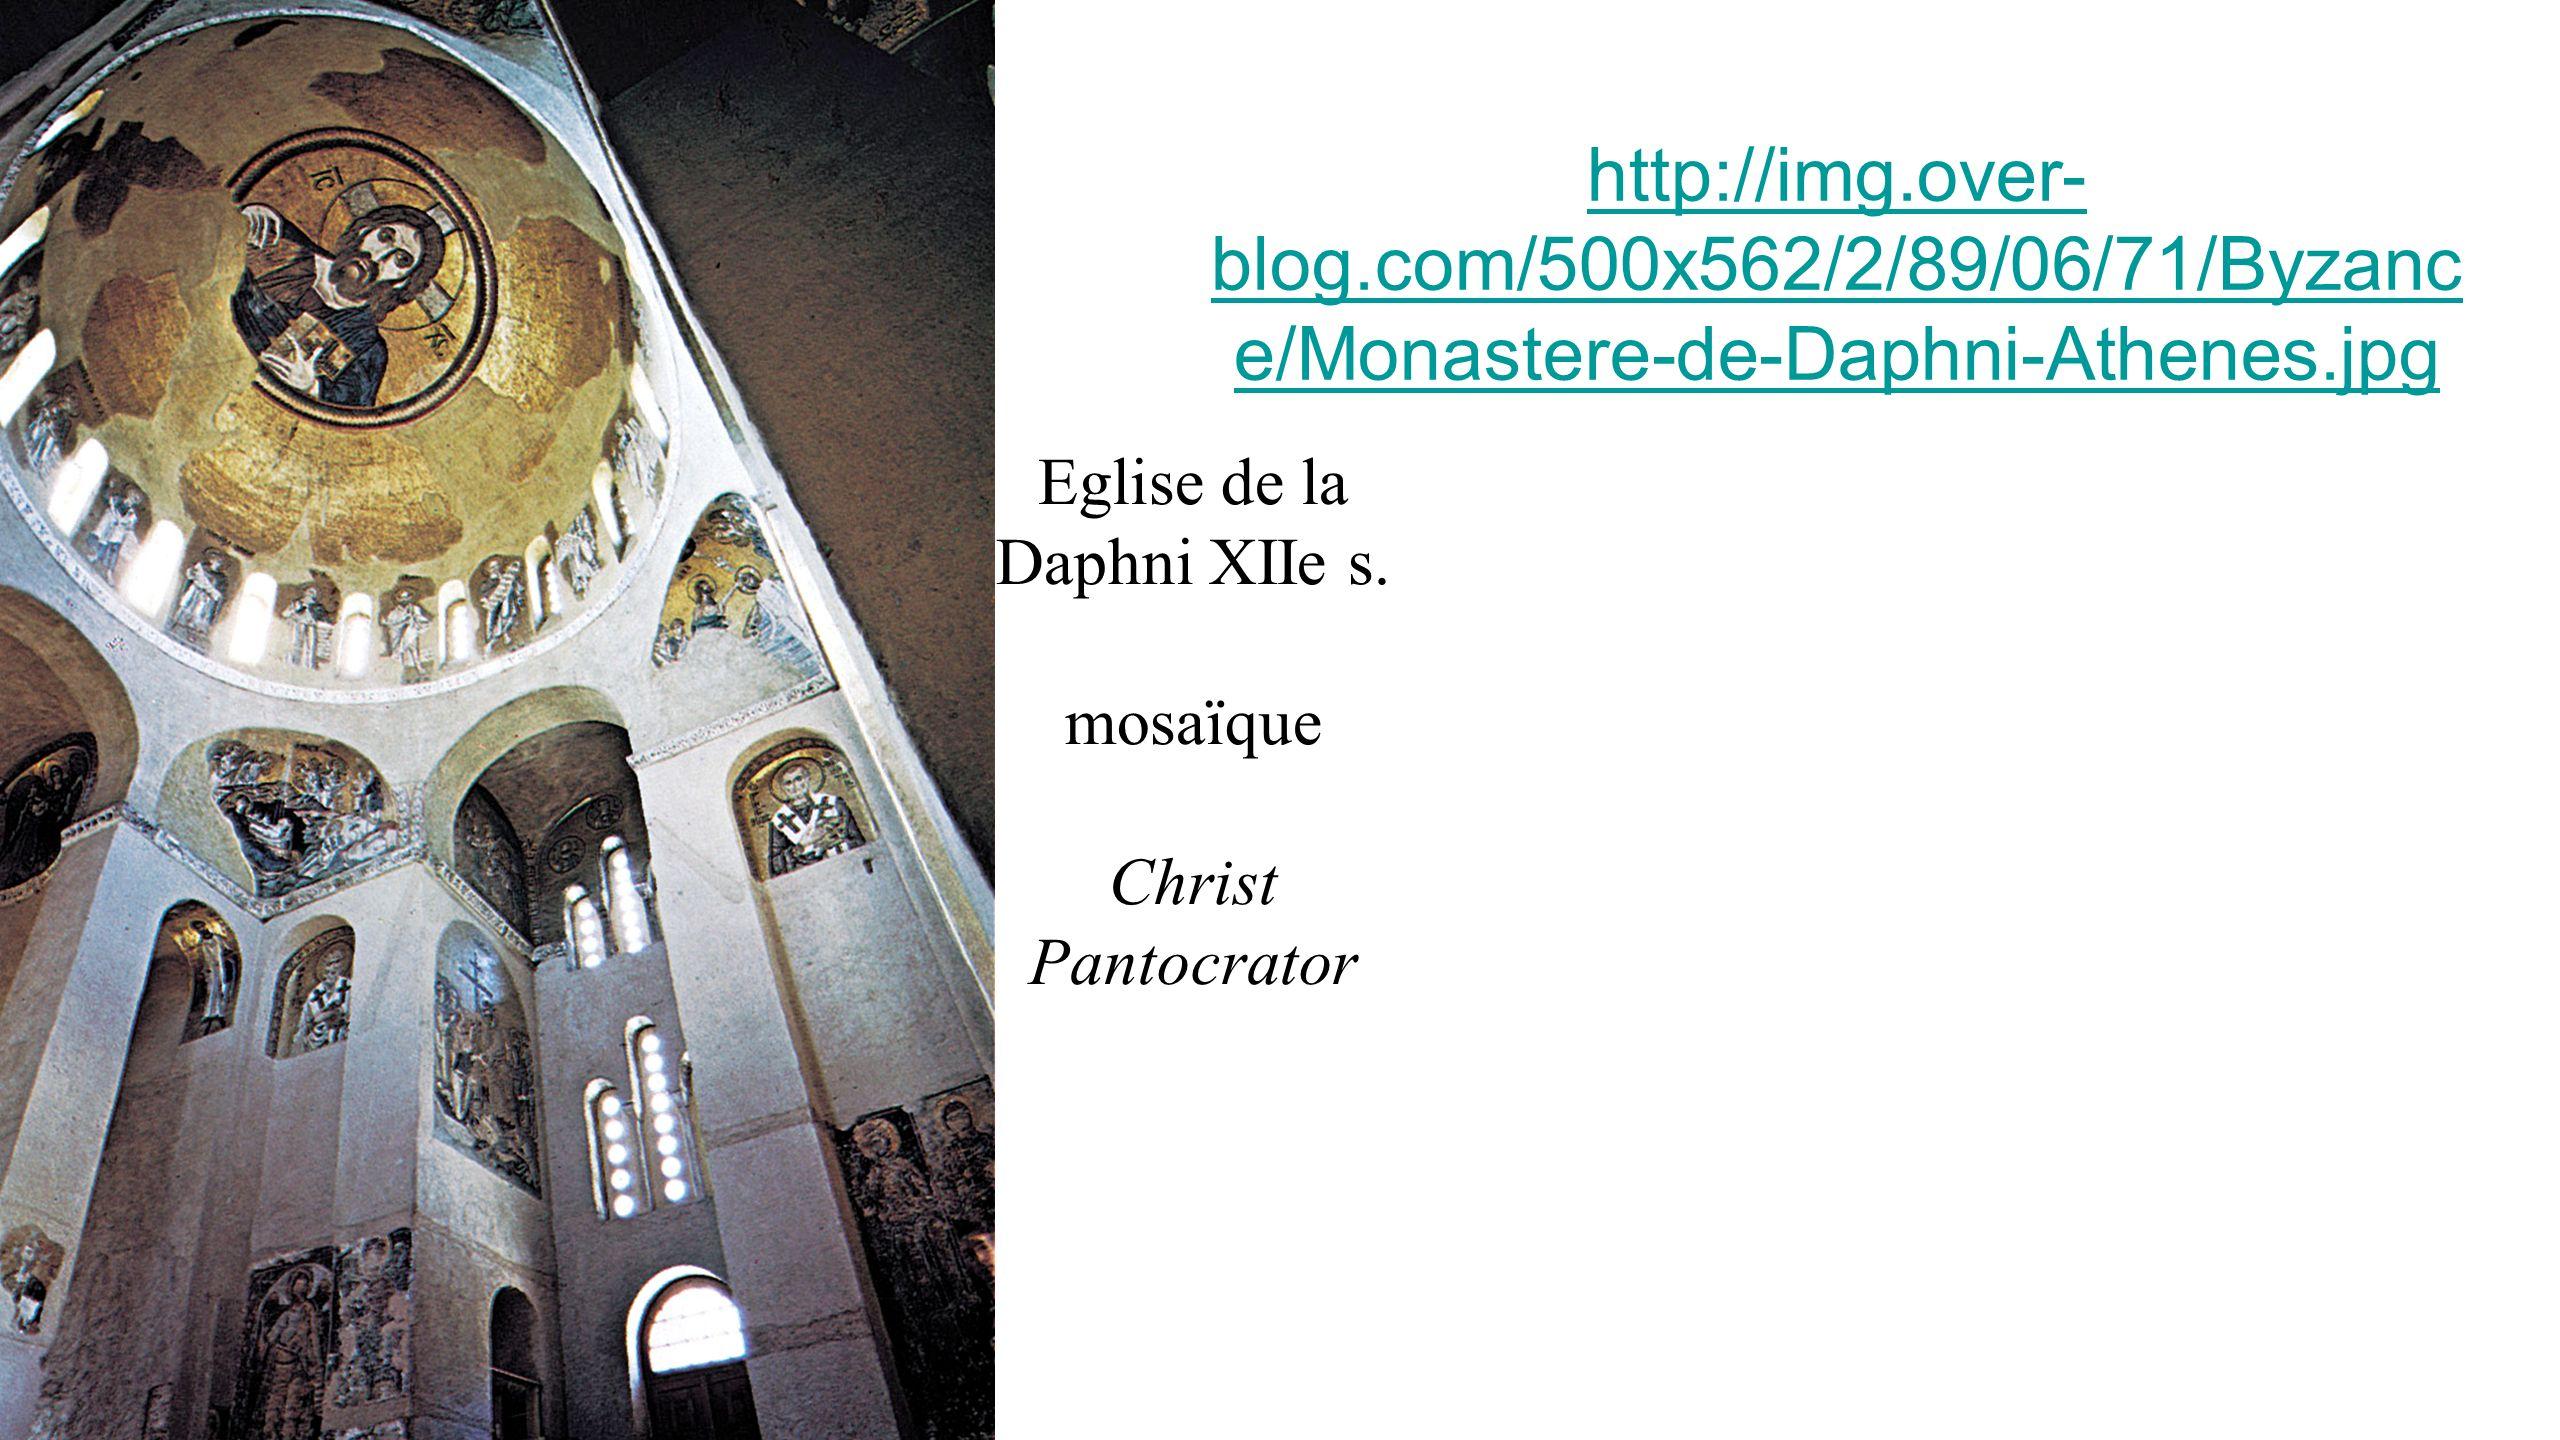 Eglise de la Daphni XIIe s. mosaïque Christ Pantocrator http://img.over- blog.com/500x562/2/89/06/71/Byzanc e/Monastere-de-Daphni-Athenes.jpg